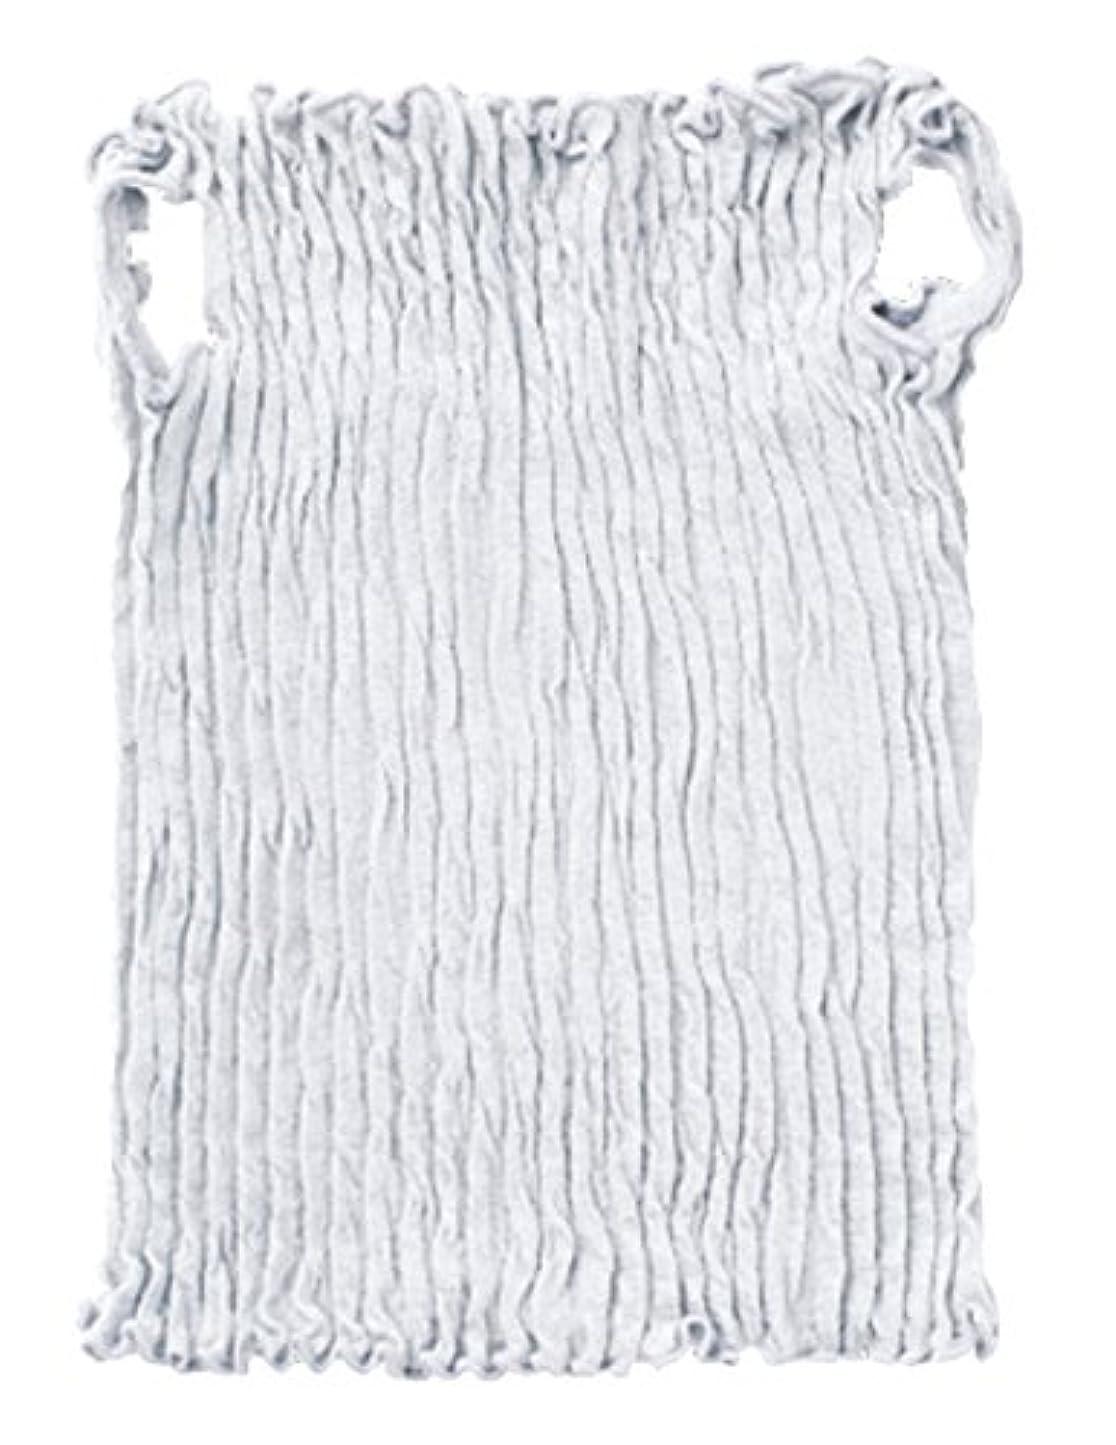 踏みつけ海上好奇心SHF(エスエイチエフ) 【ulunel/ウルネル】おやすみフェイス&ネックカバー シルバー 28cm UL-06-3